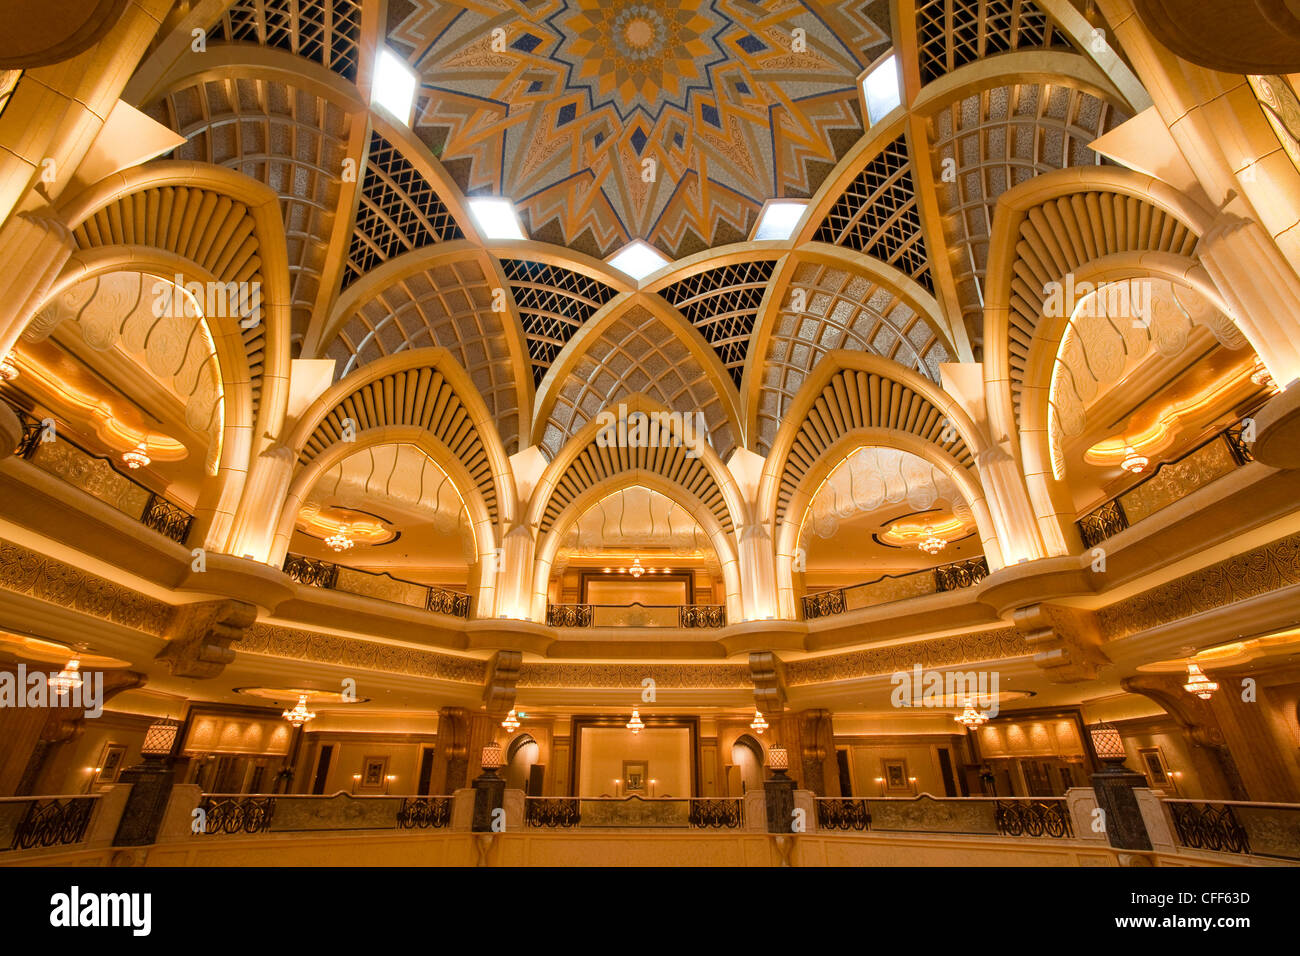 Palace Hotel Abu Dhabi